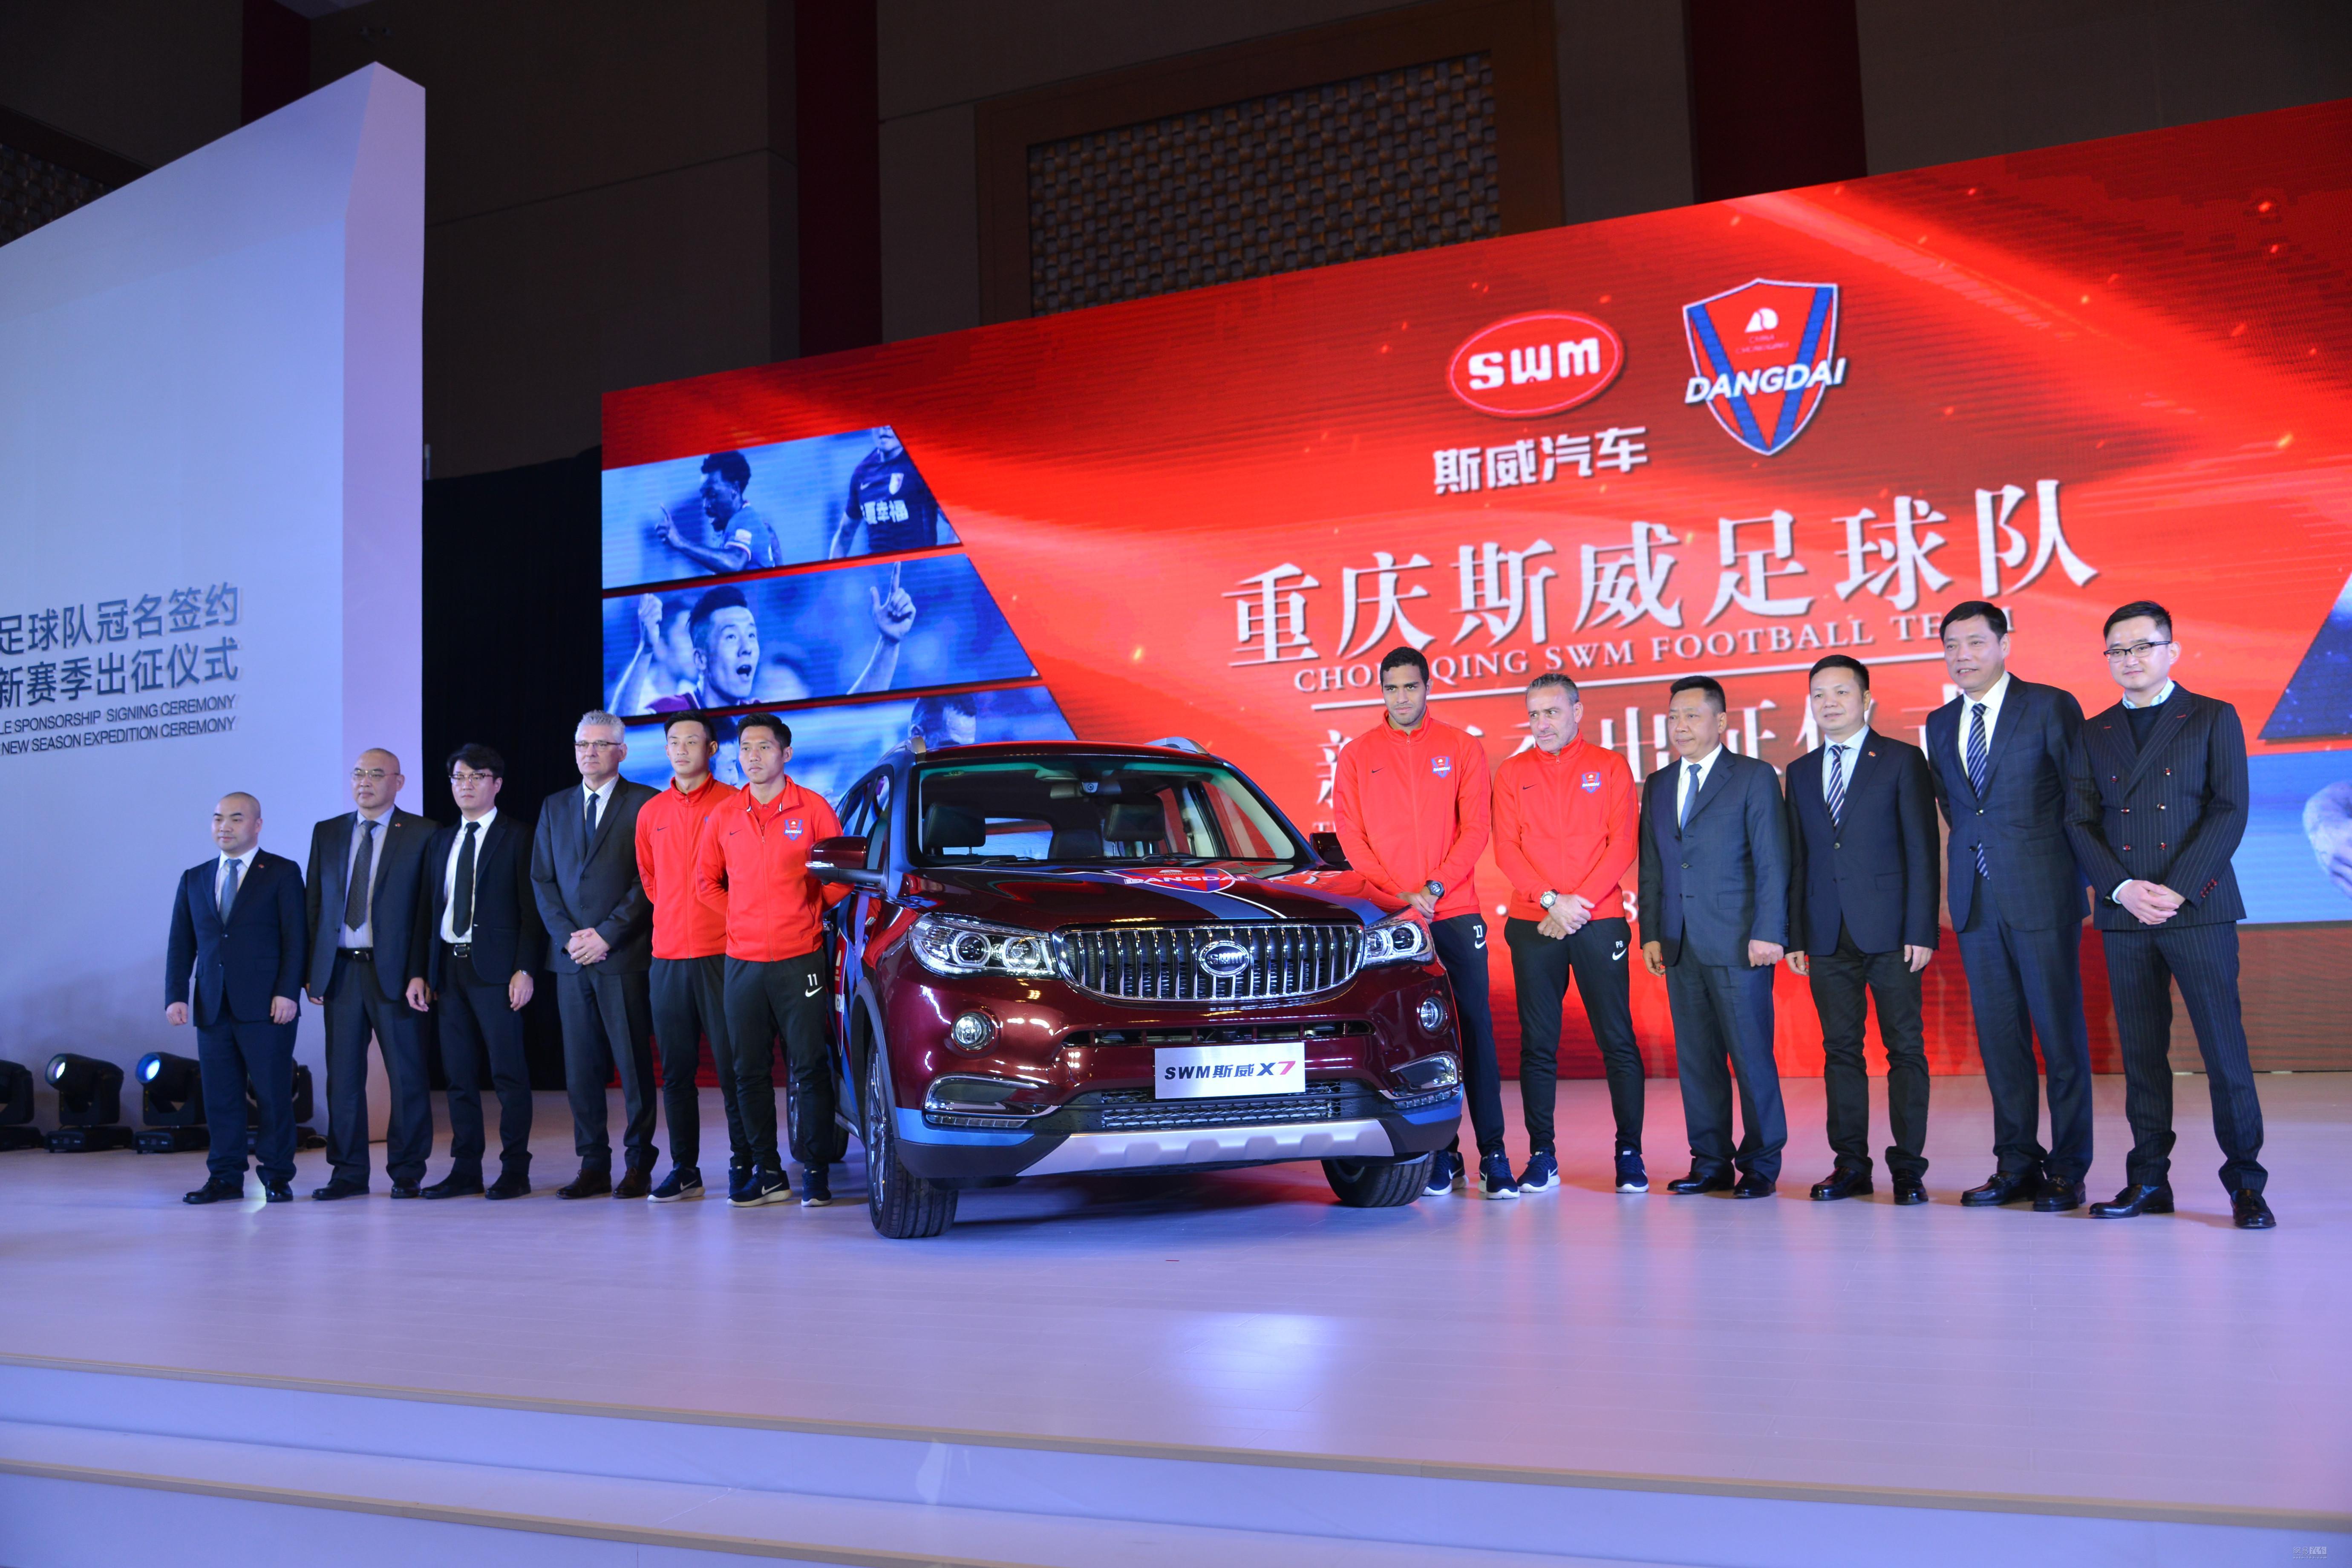 SWM斯威汽车冠名重庆足球队 推定制斯威X7